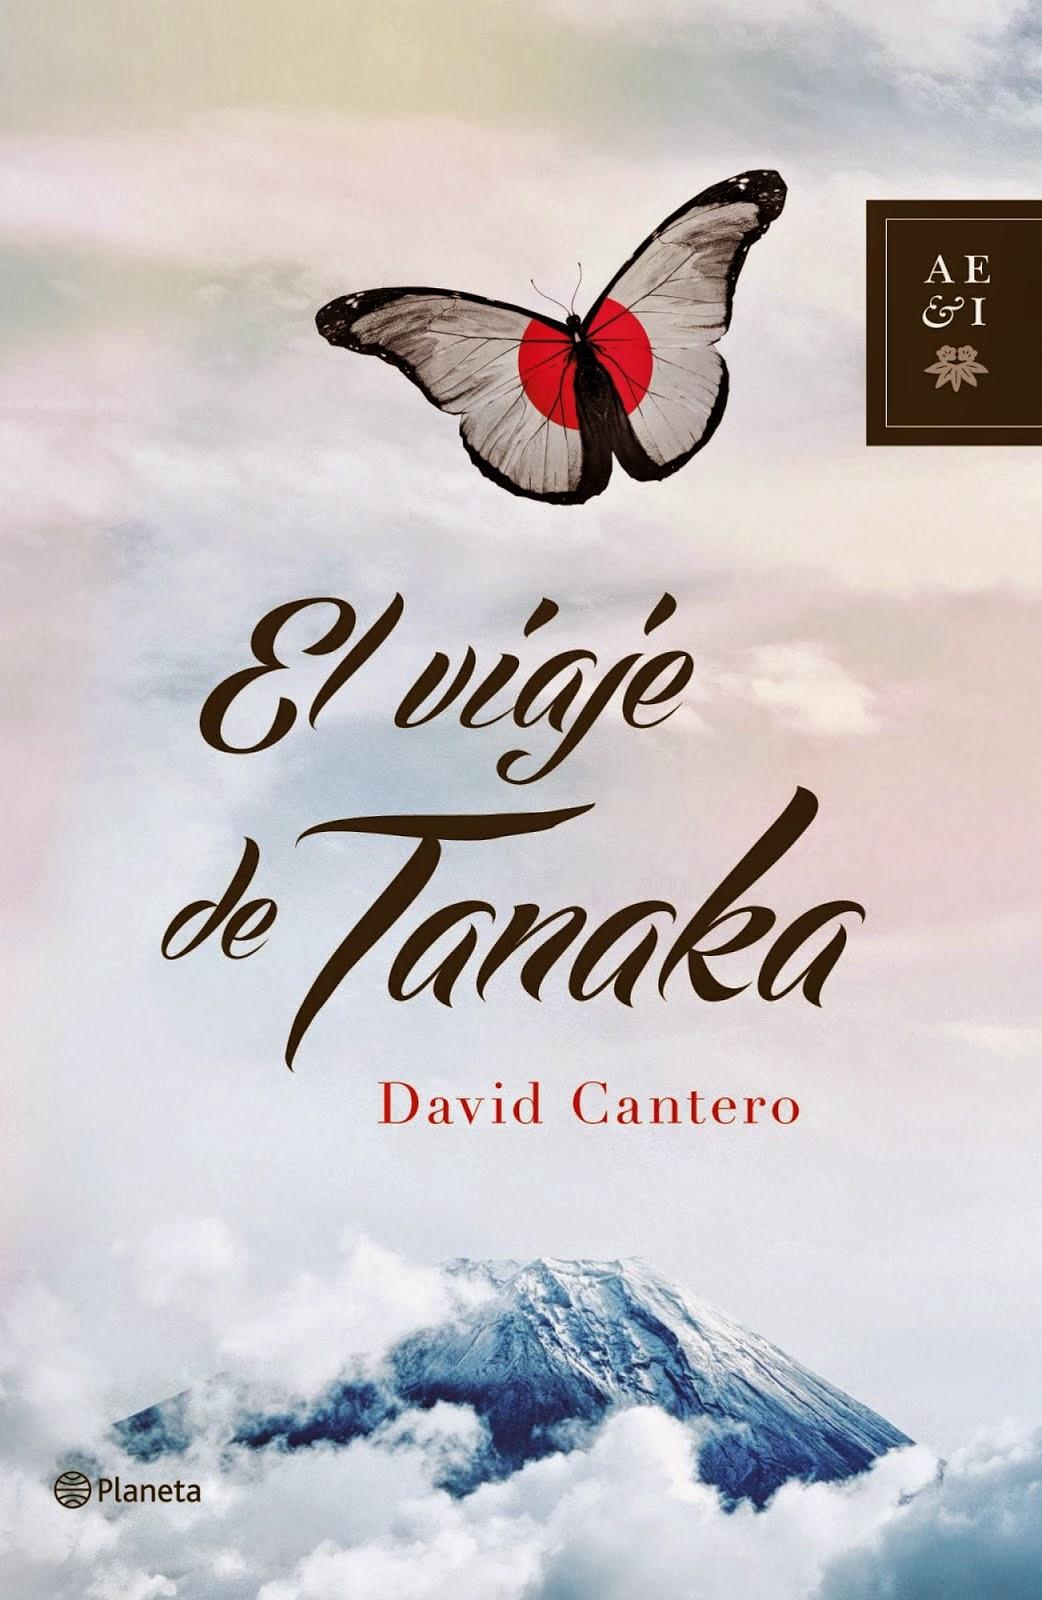 novela el viaje de tanaka david cantero